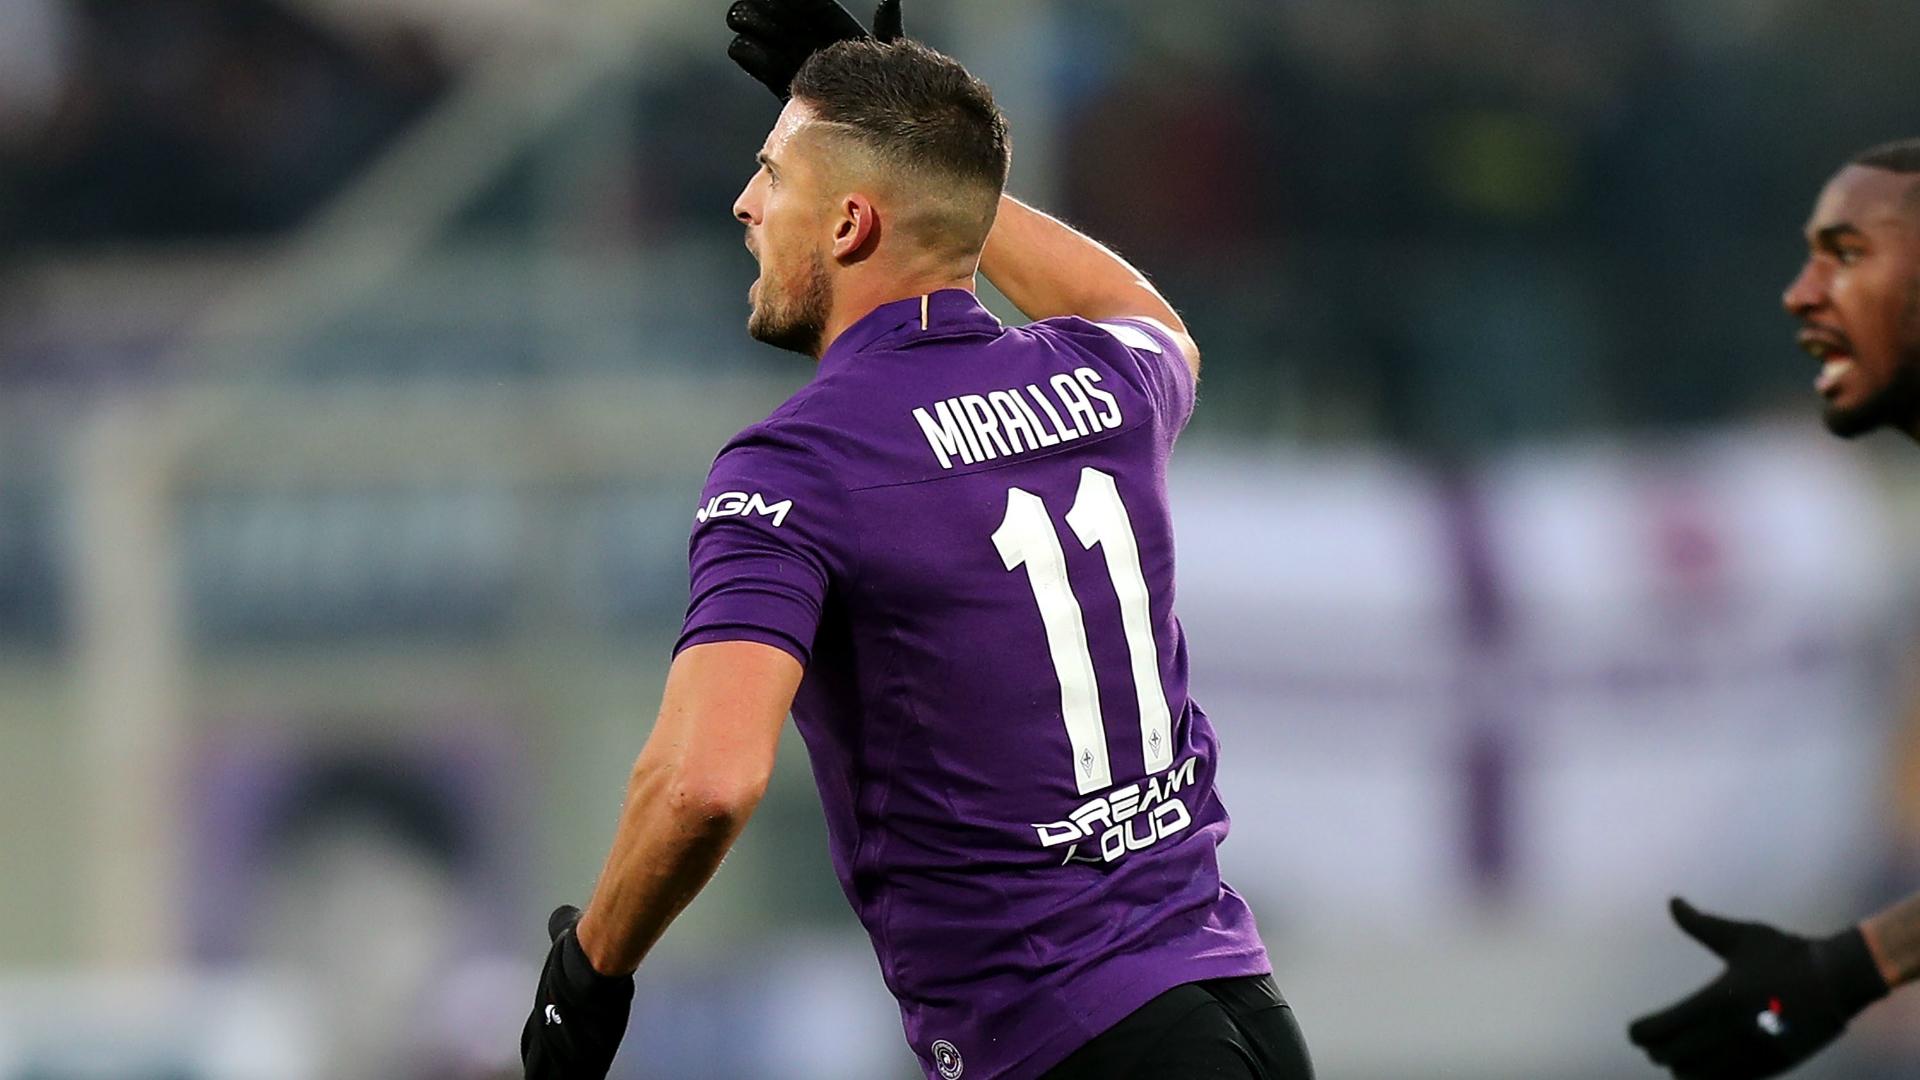 Mirallas torna in Belgio, addio Everton: ha firmato col Royal Antwerp